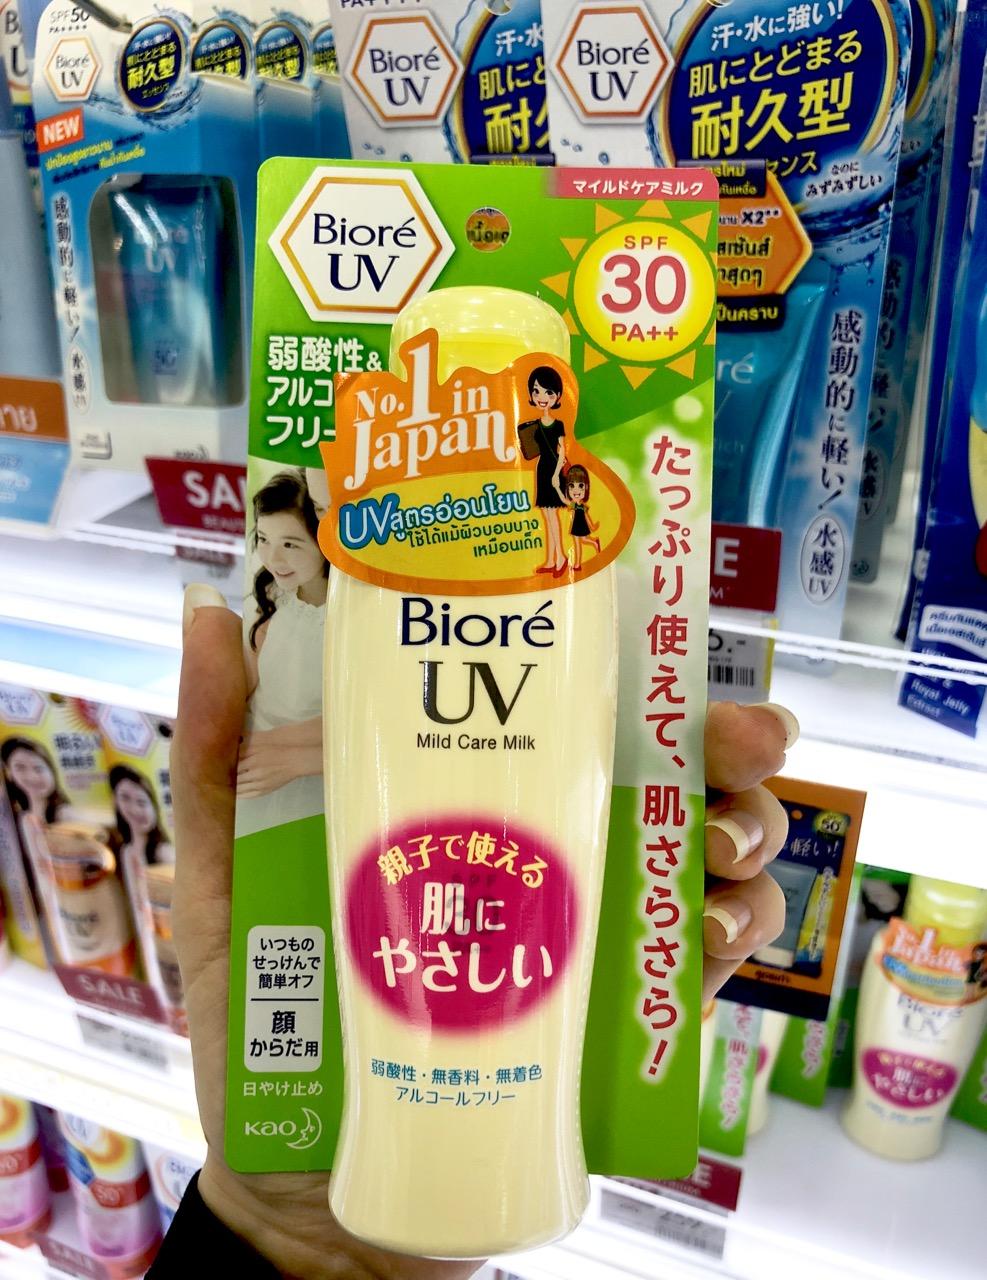 Bioré UV Mild Care Milk SPF30 PA++ Ostolakossa aurinkovoide kasvoille